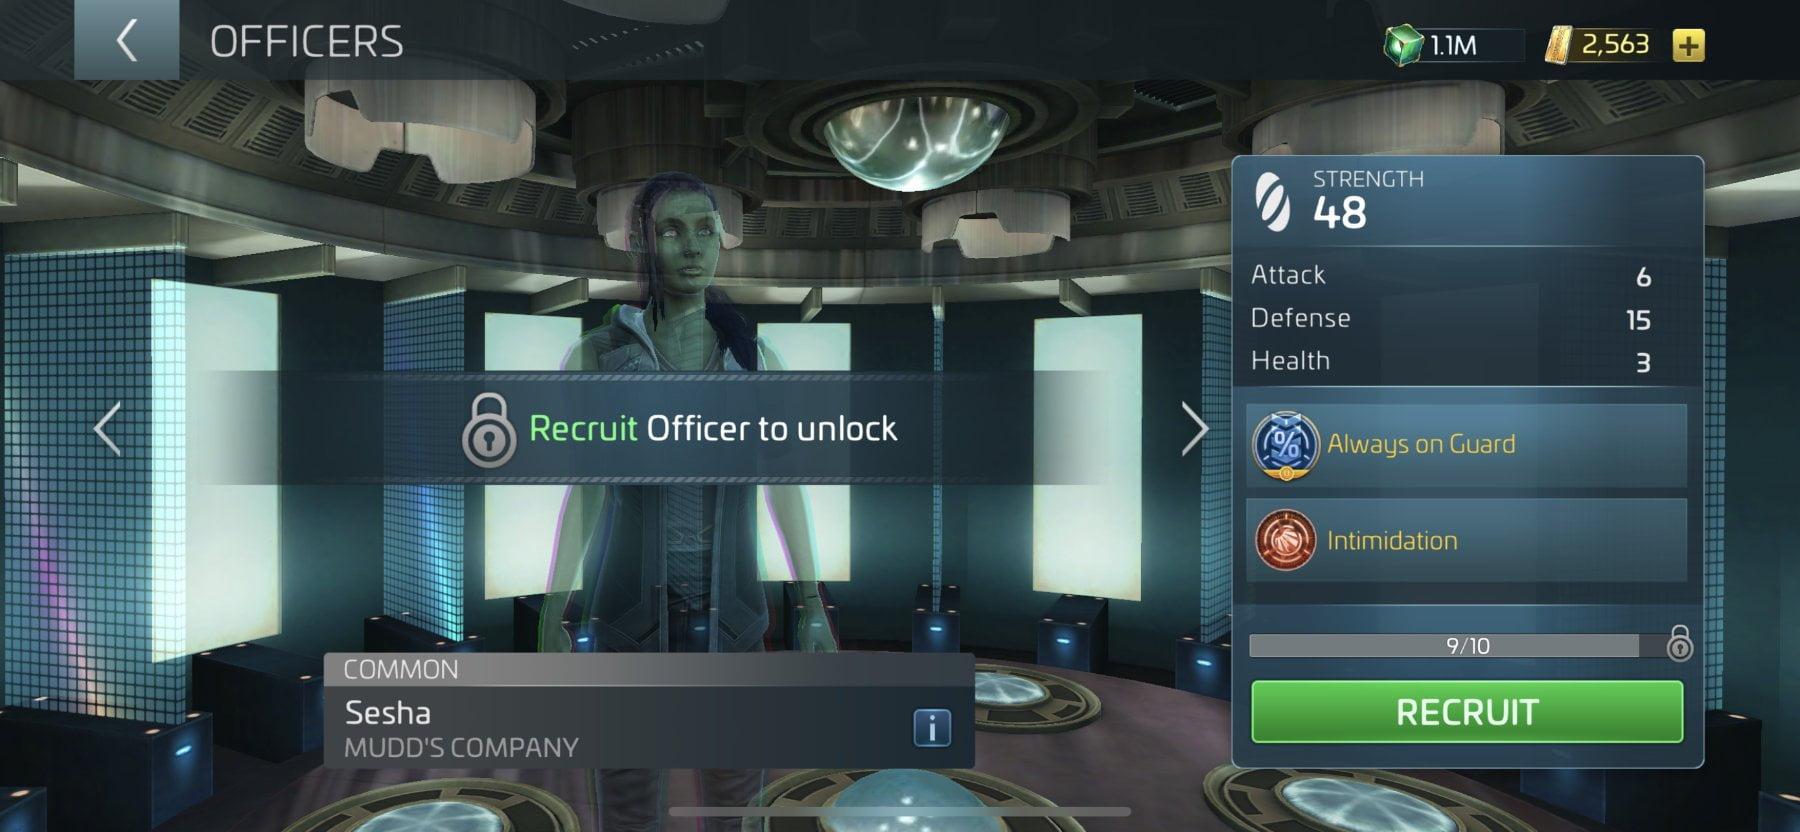 Star Trek Fleet Command Officer Sesha